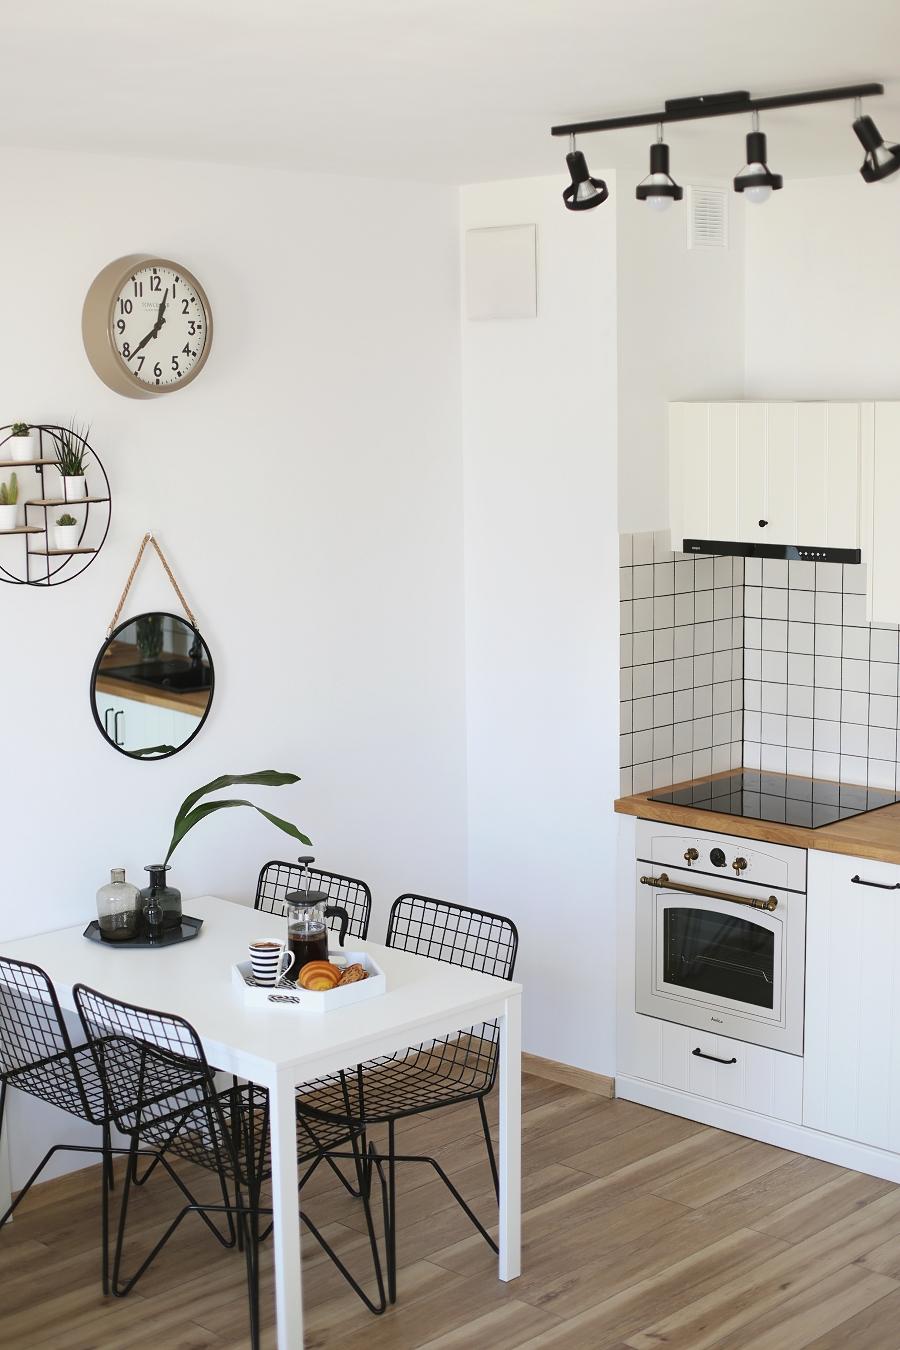 Kuchnia i jadalnia - metalowe krzesła, kuhnia ikea, retro piekarnik, wyposażenie